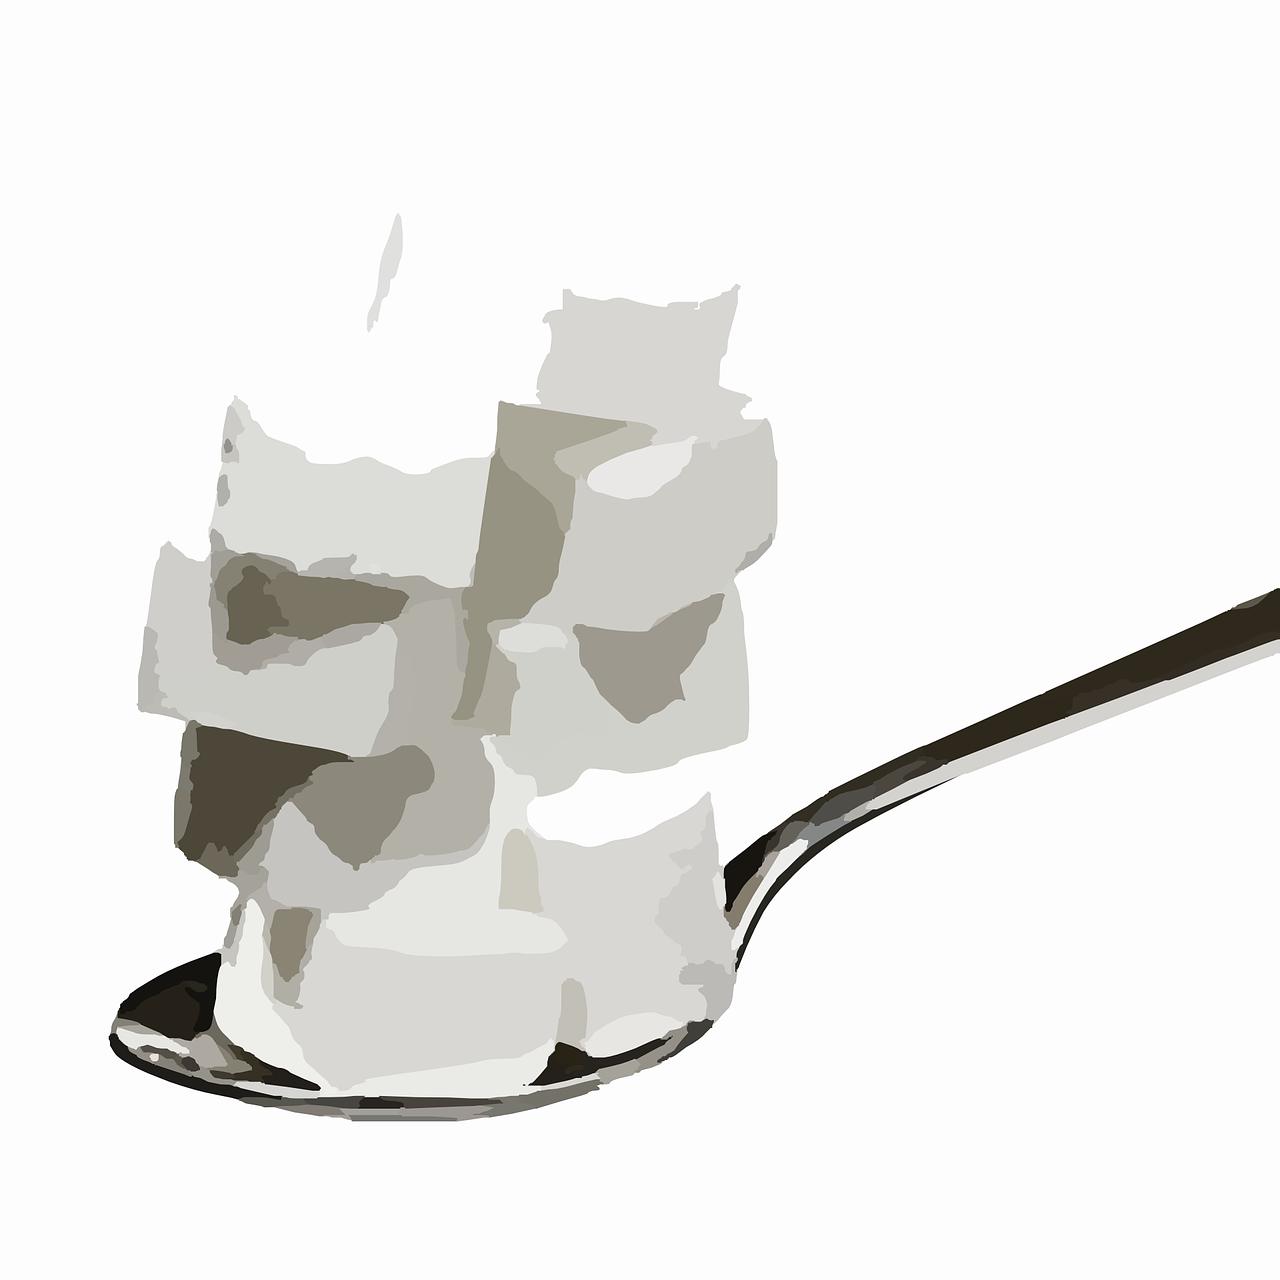 sugar-cubes-296481_1280